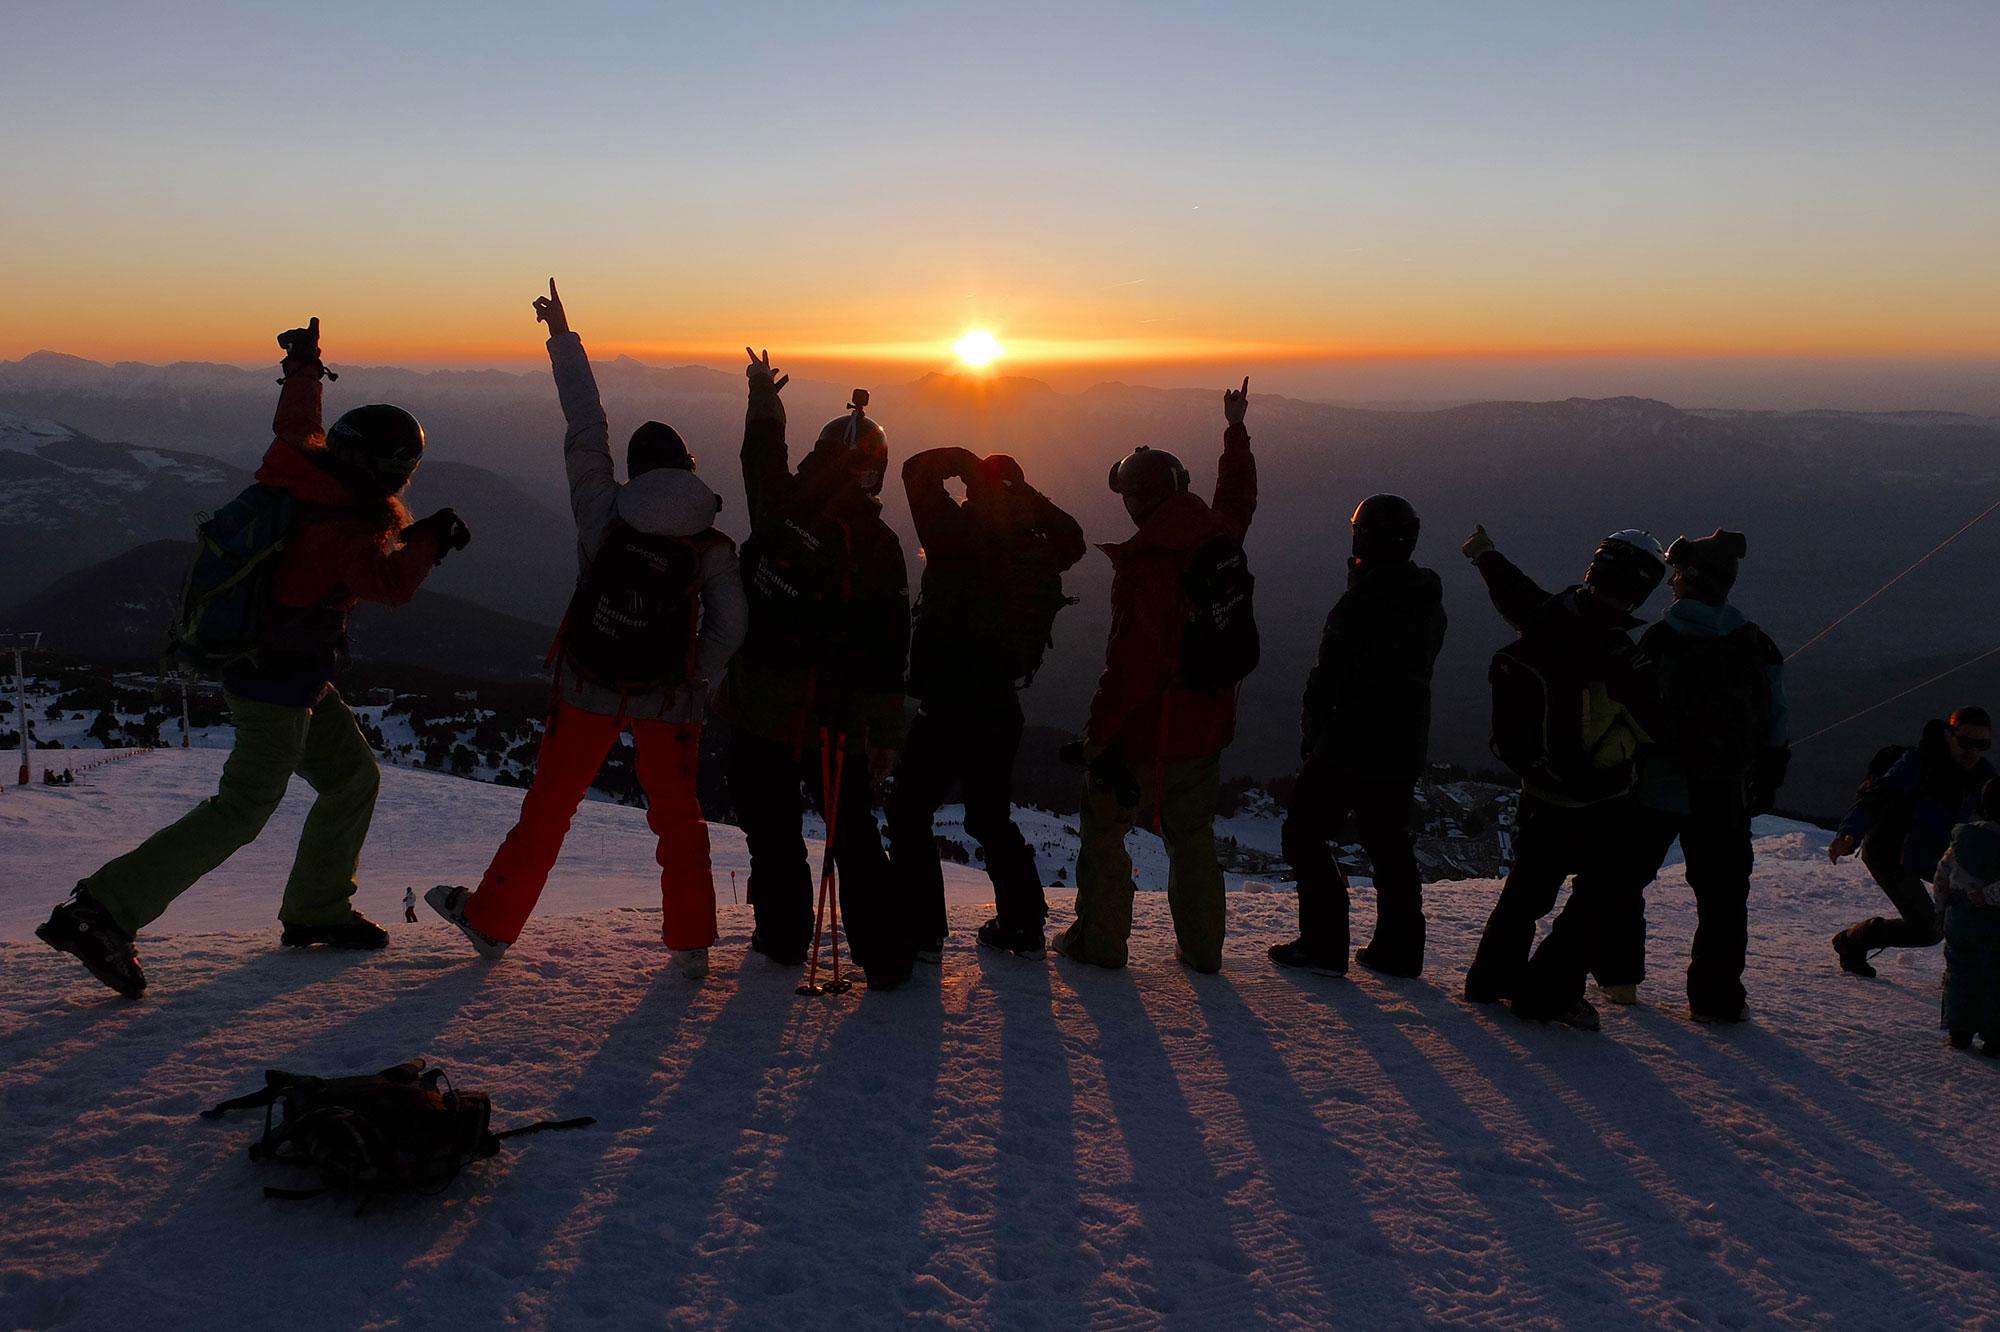 Chamrousse ski nocturne fondue test activité skipass station ski hiver isère alpes france - © Skipass